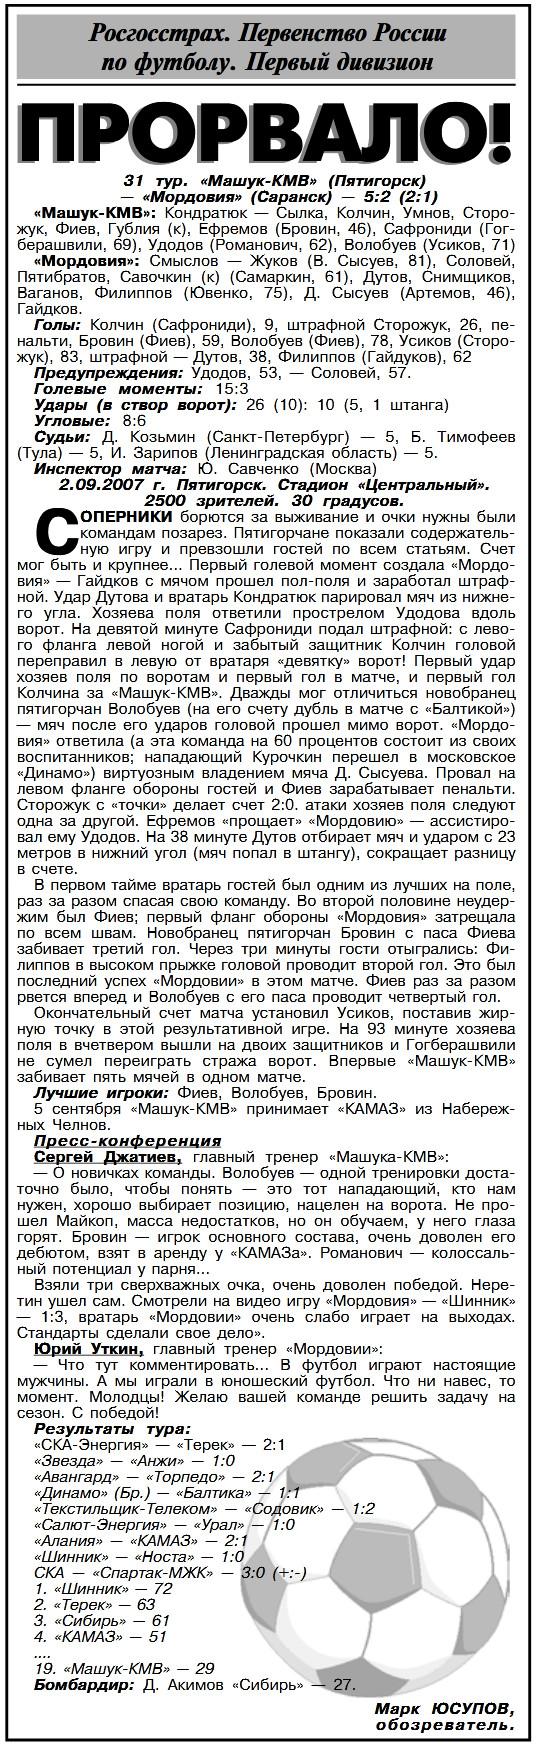 Машук-КМВ (Пятигорск) - Мордовия (Саранск) 5:2